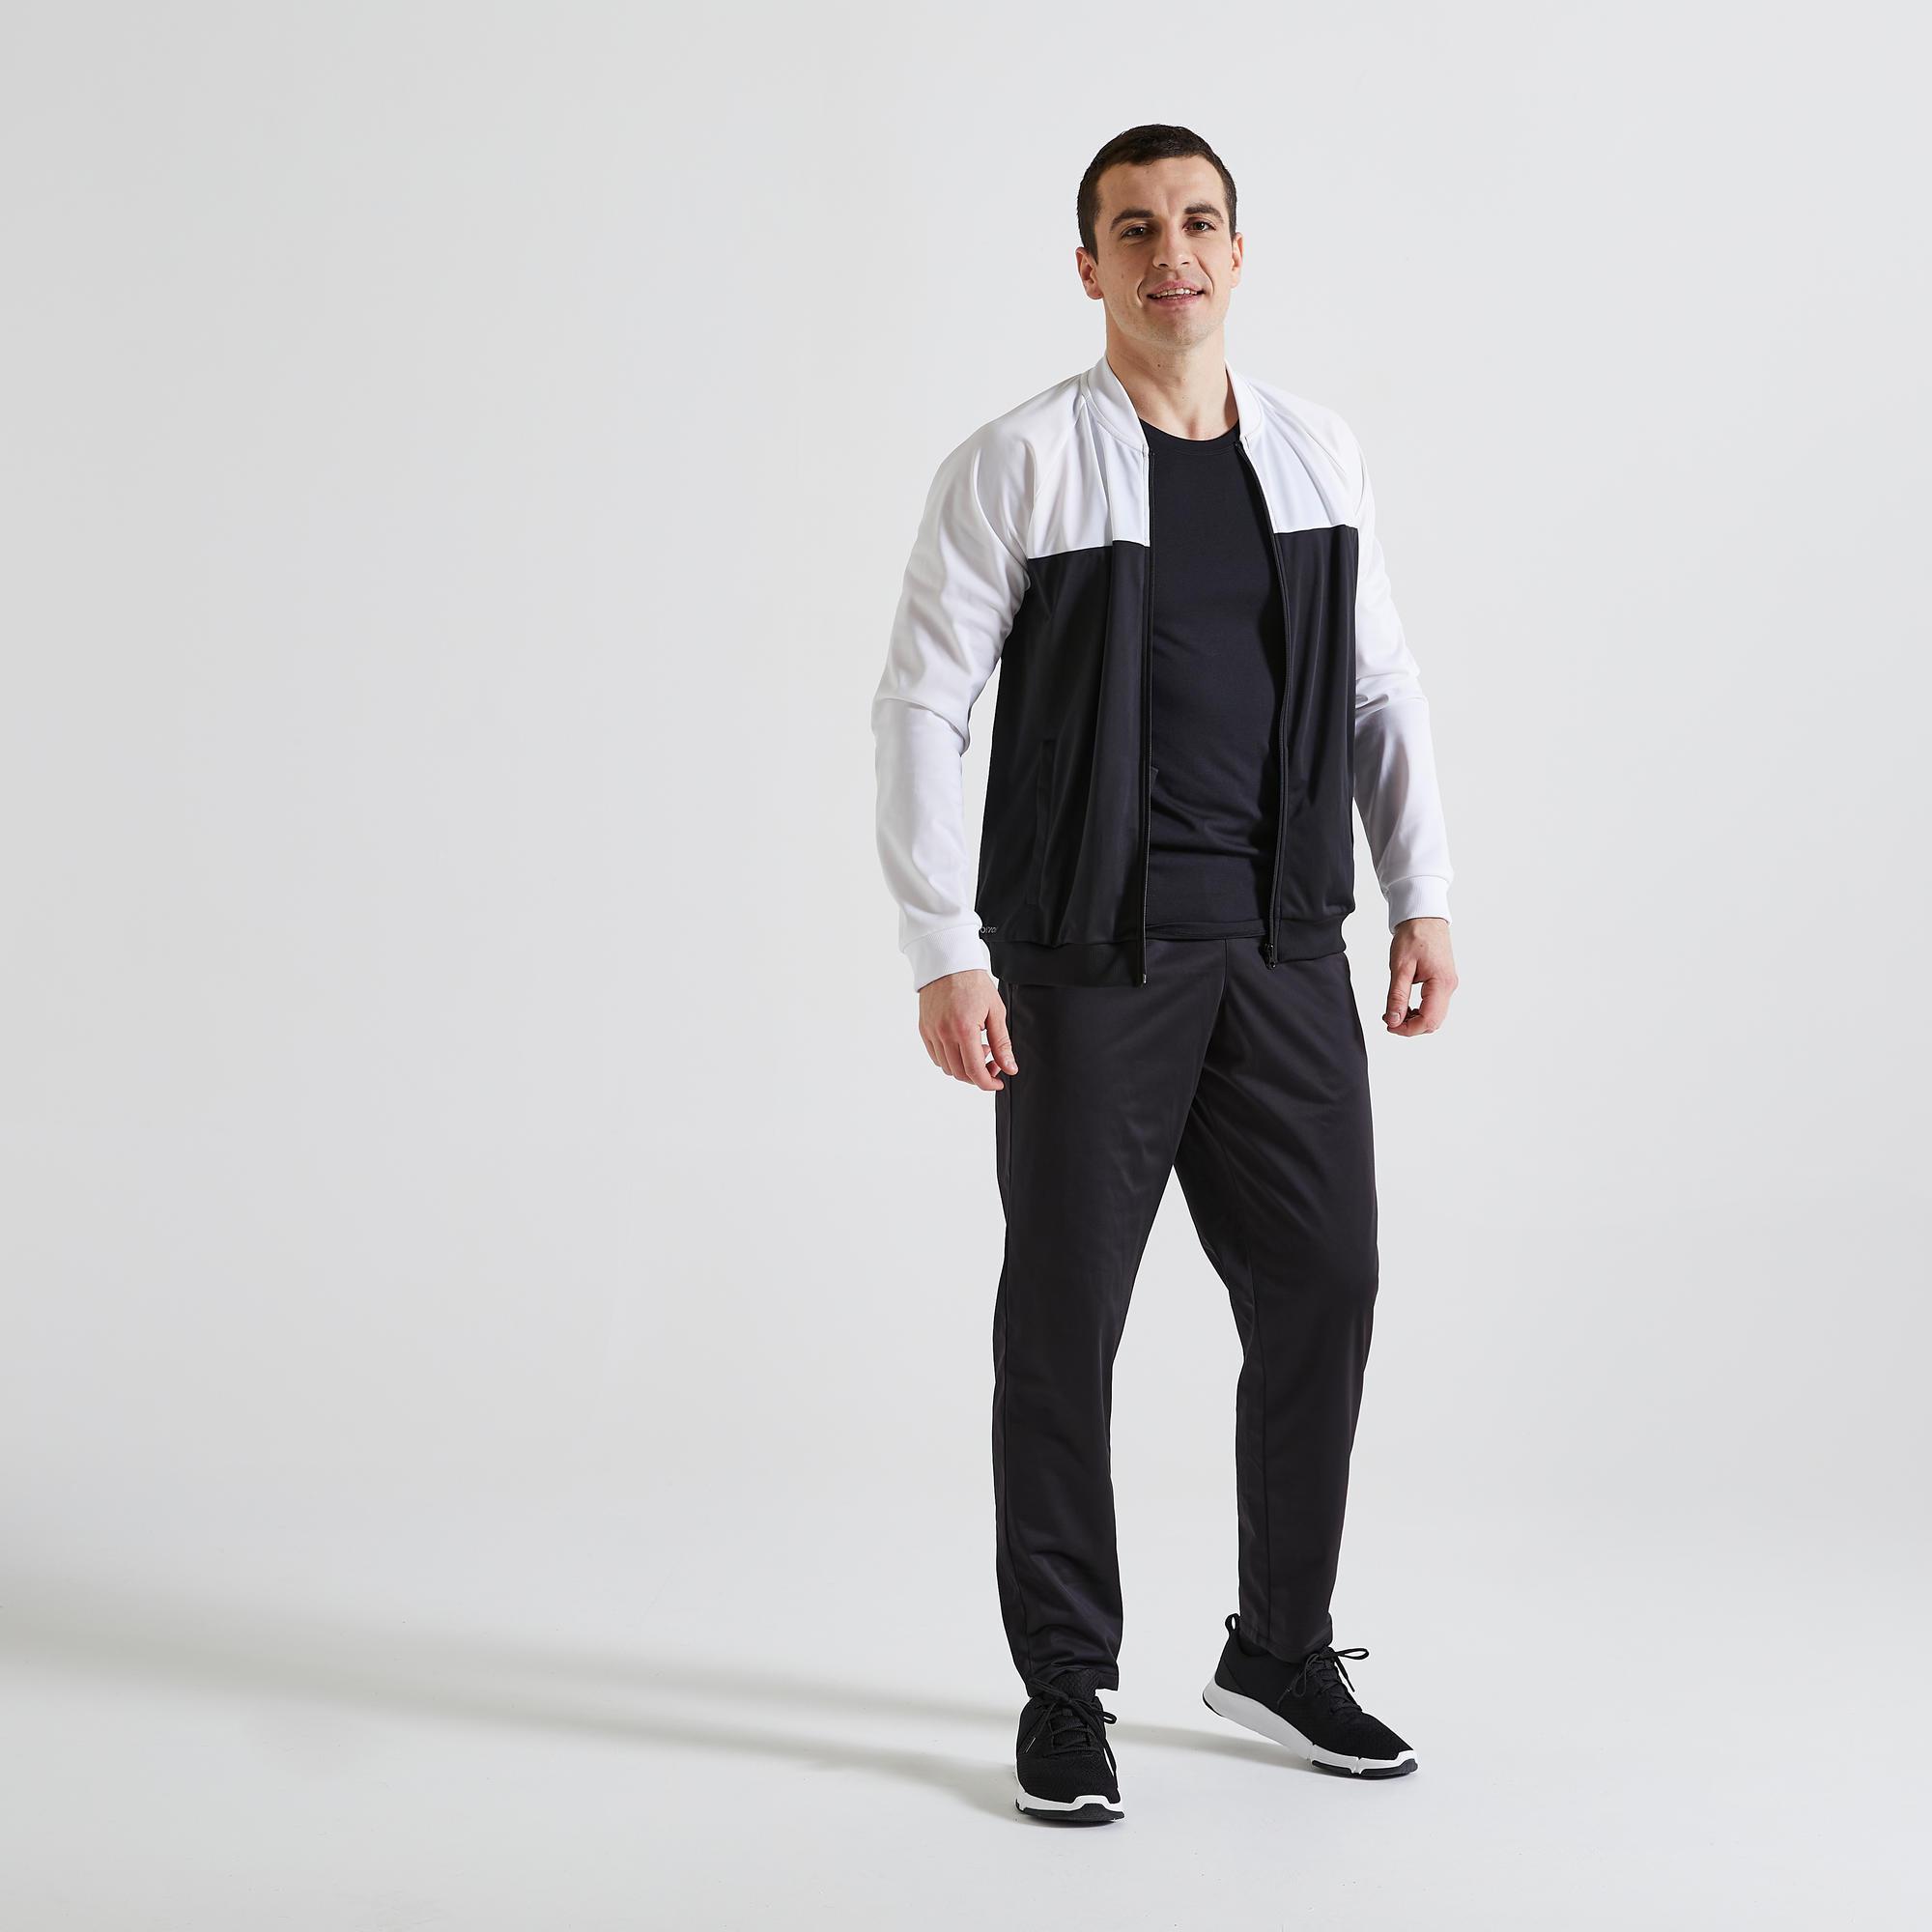 Trainingsanzug Fitness Cardio Herren schwarz/weiss | Sportbekleidung > Sportanzüge > Trainingsanzüge | Domyos